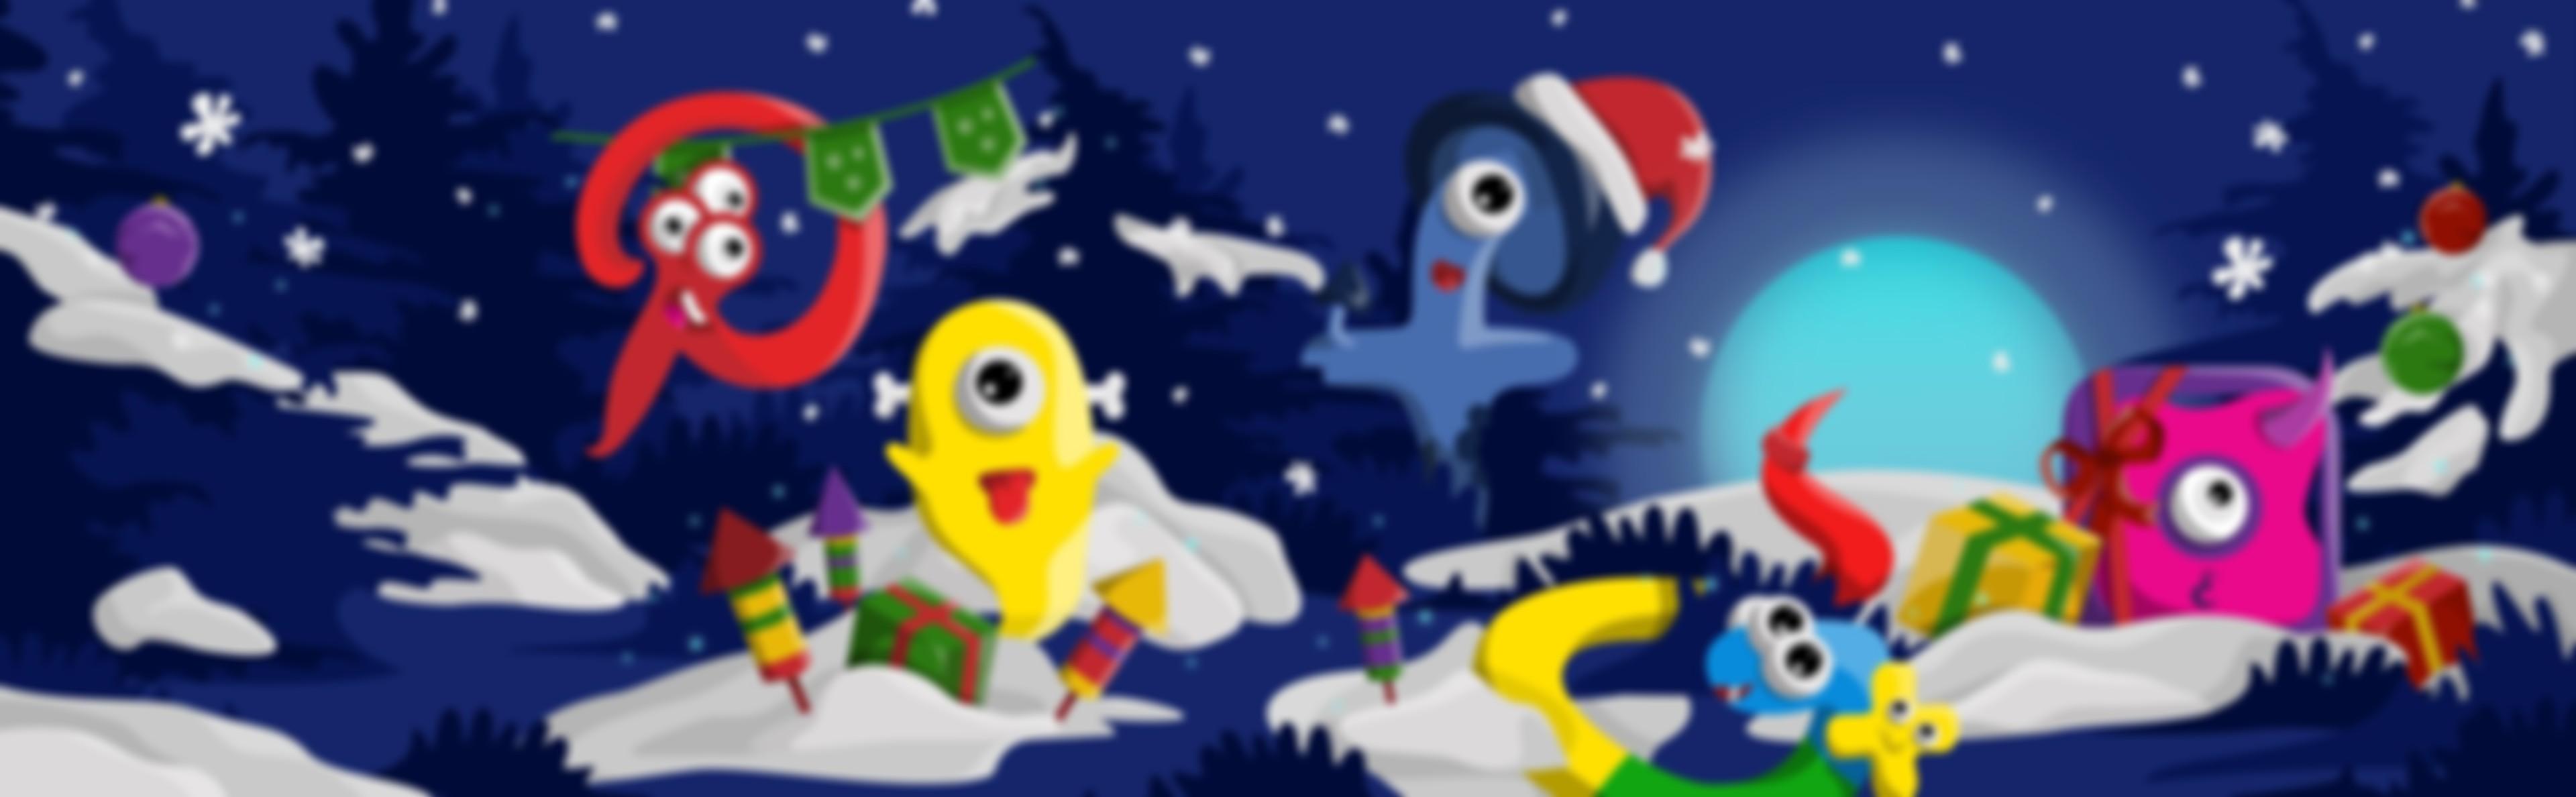 Grafika z pięcioma stworkami w śniegu.